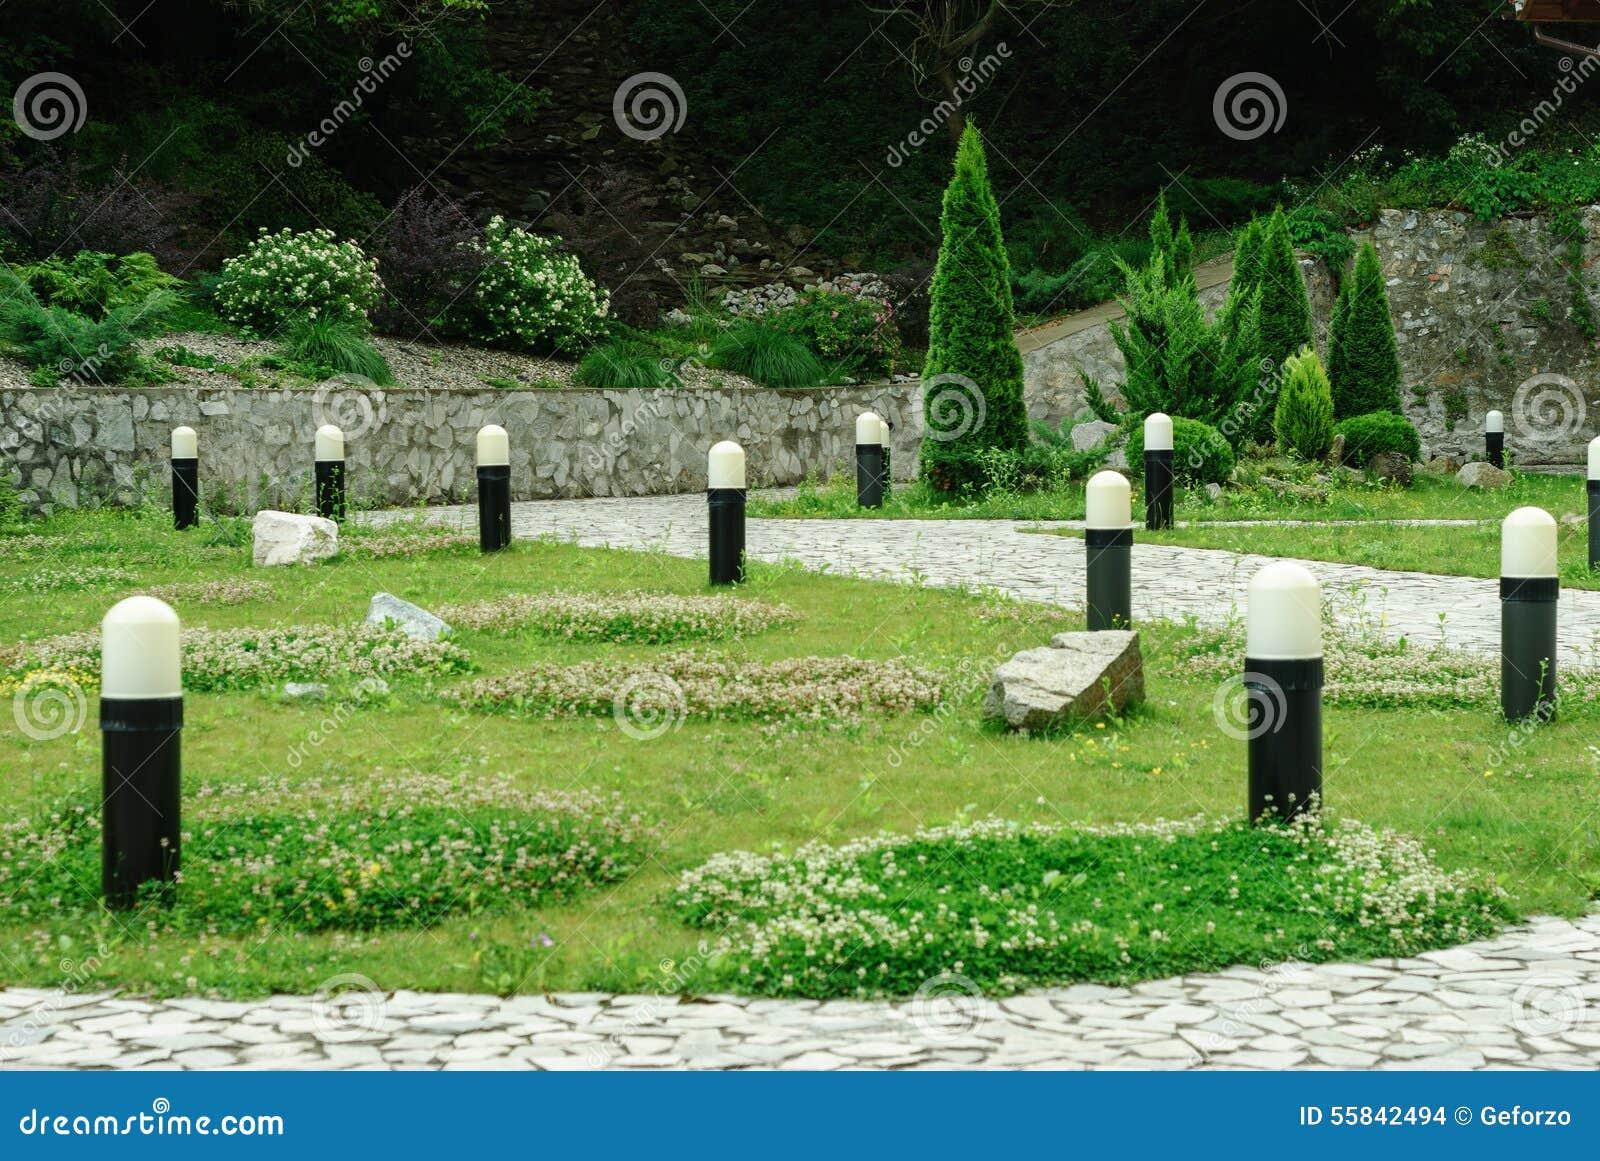 Giardino con erba, gli arbusti e le lampade